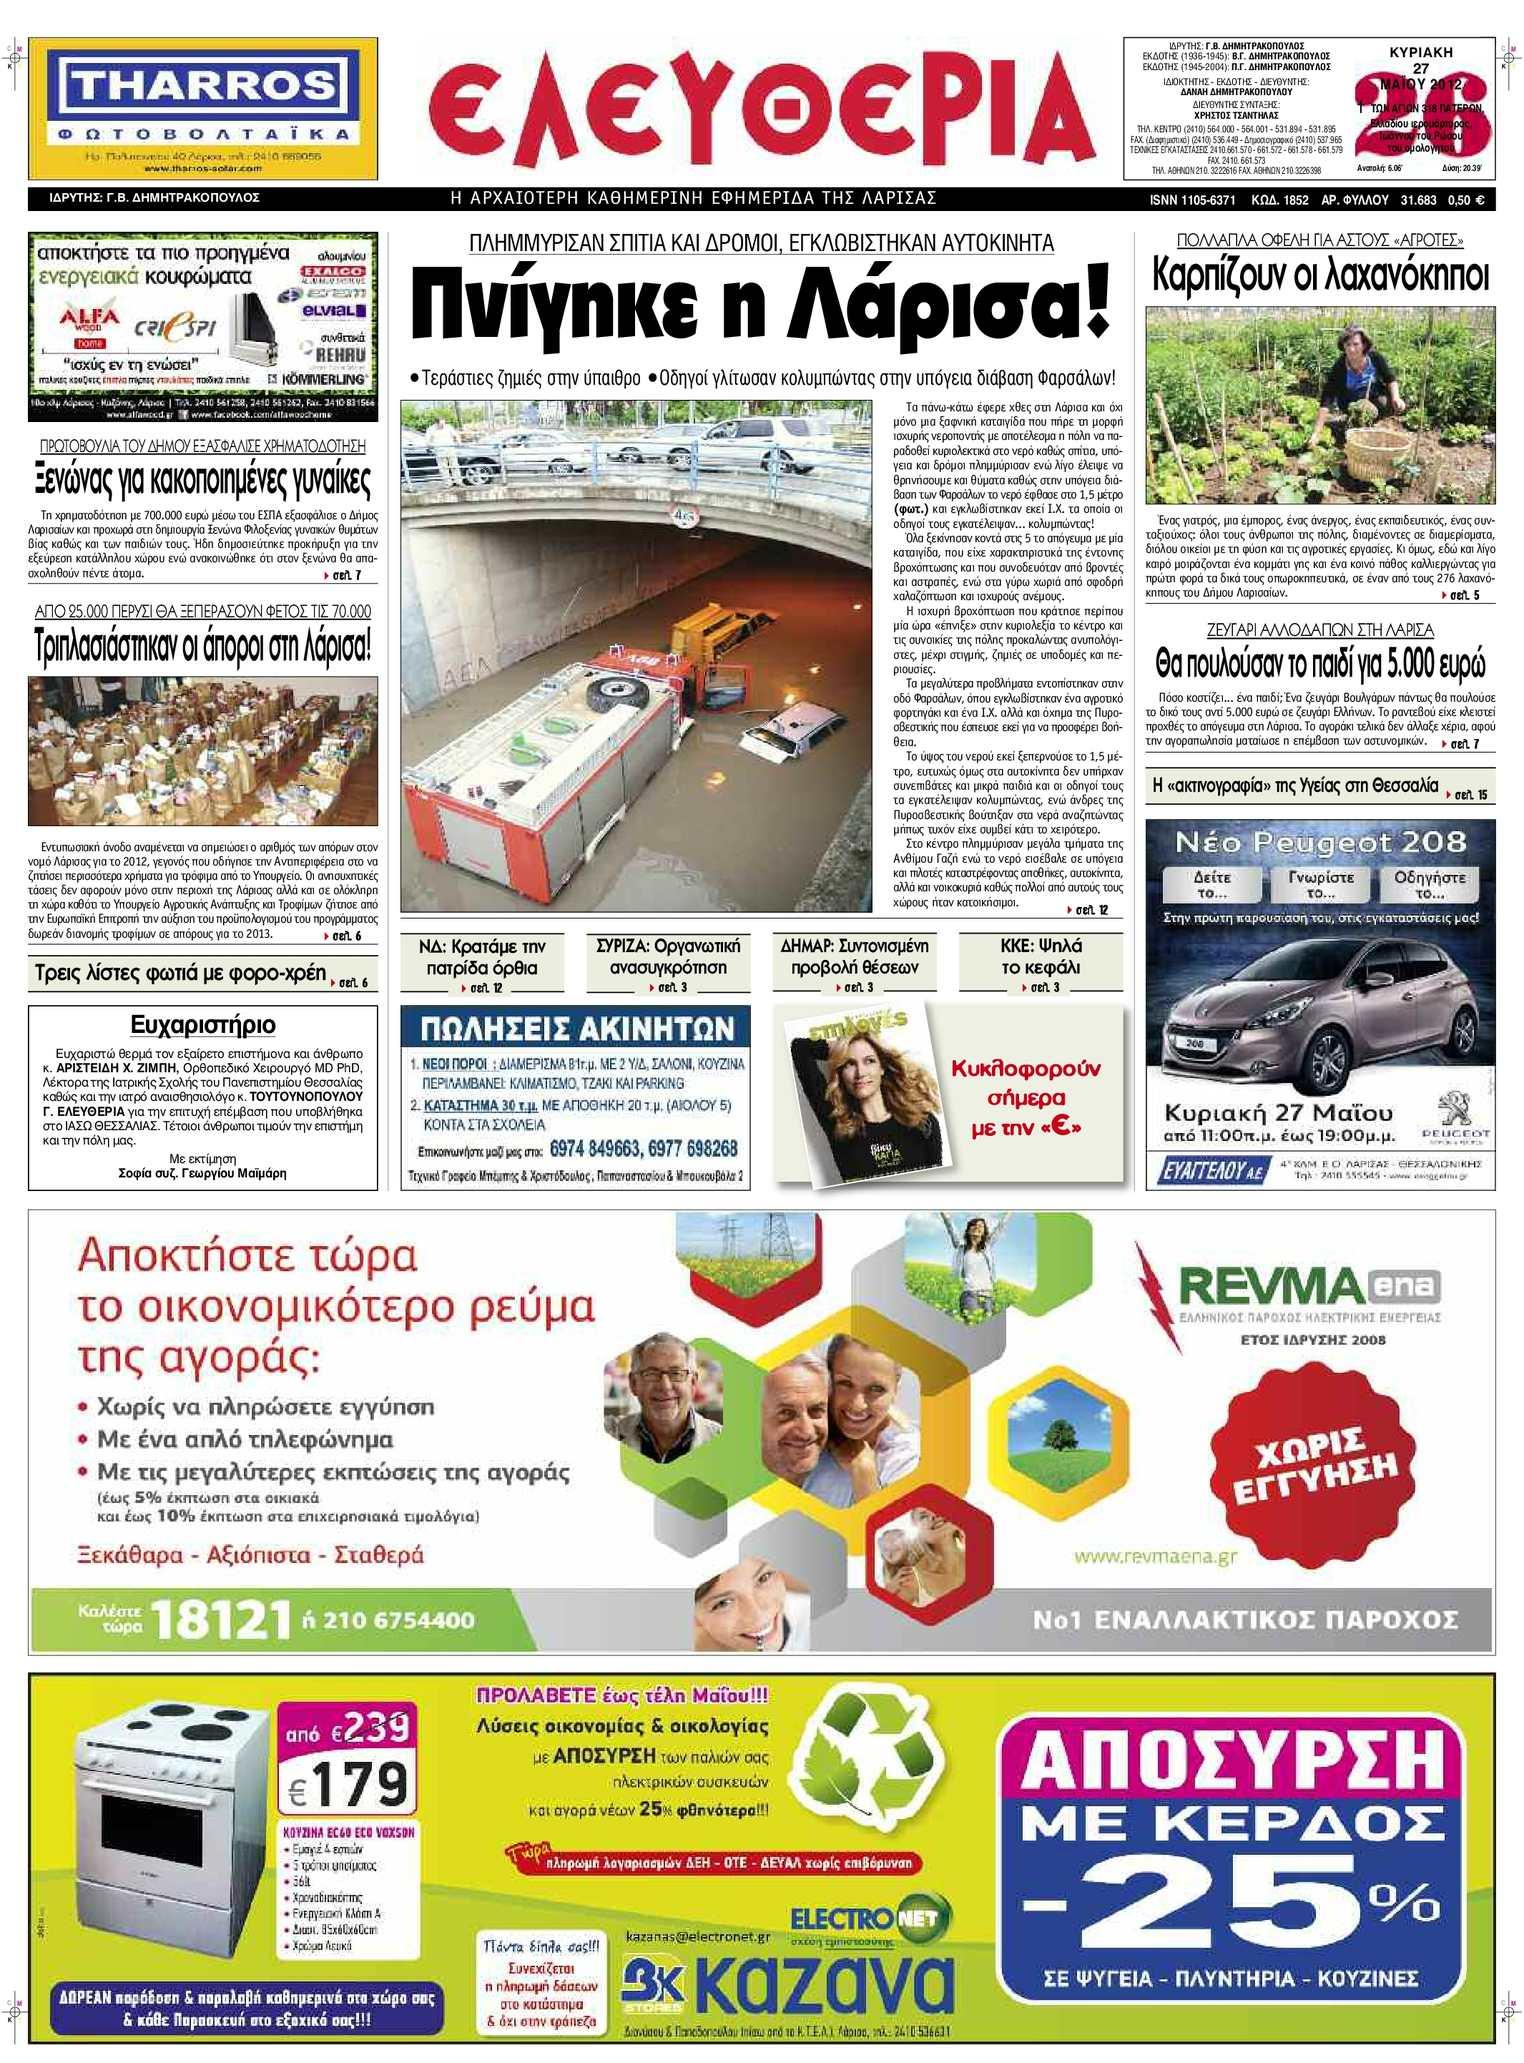 Calaméo - Eleftheria.gr 27 05 2012 3d47082f78a